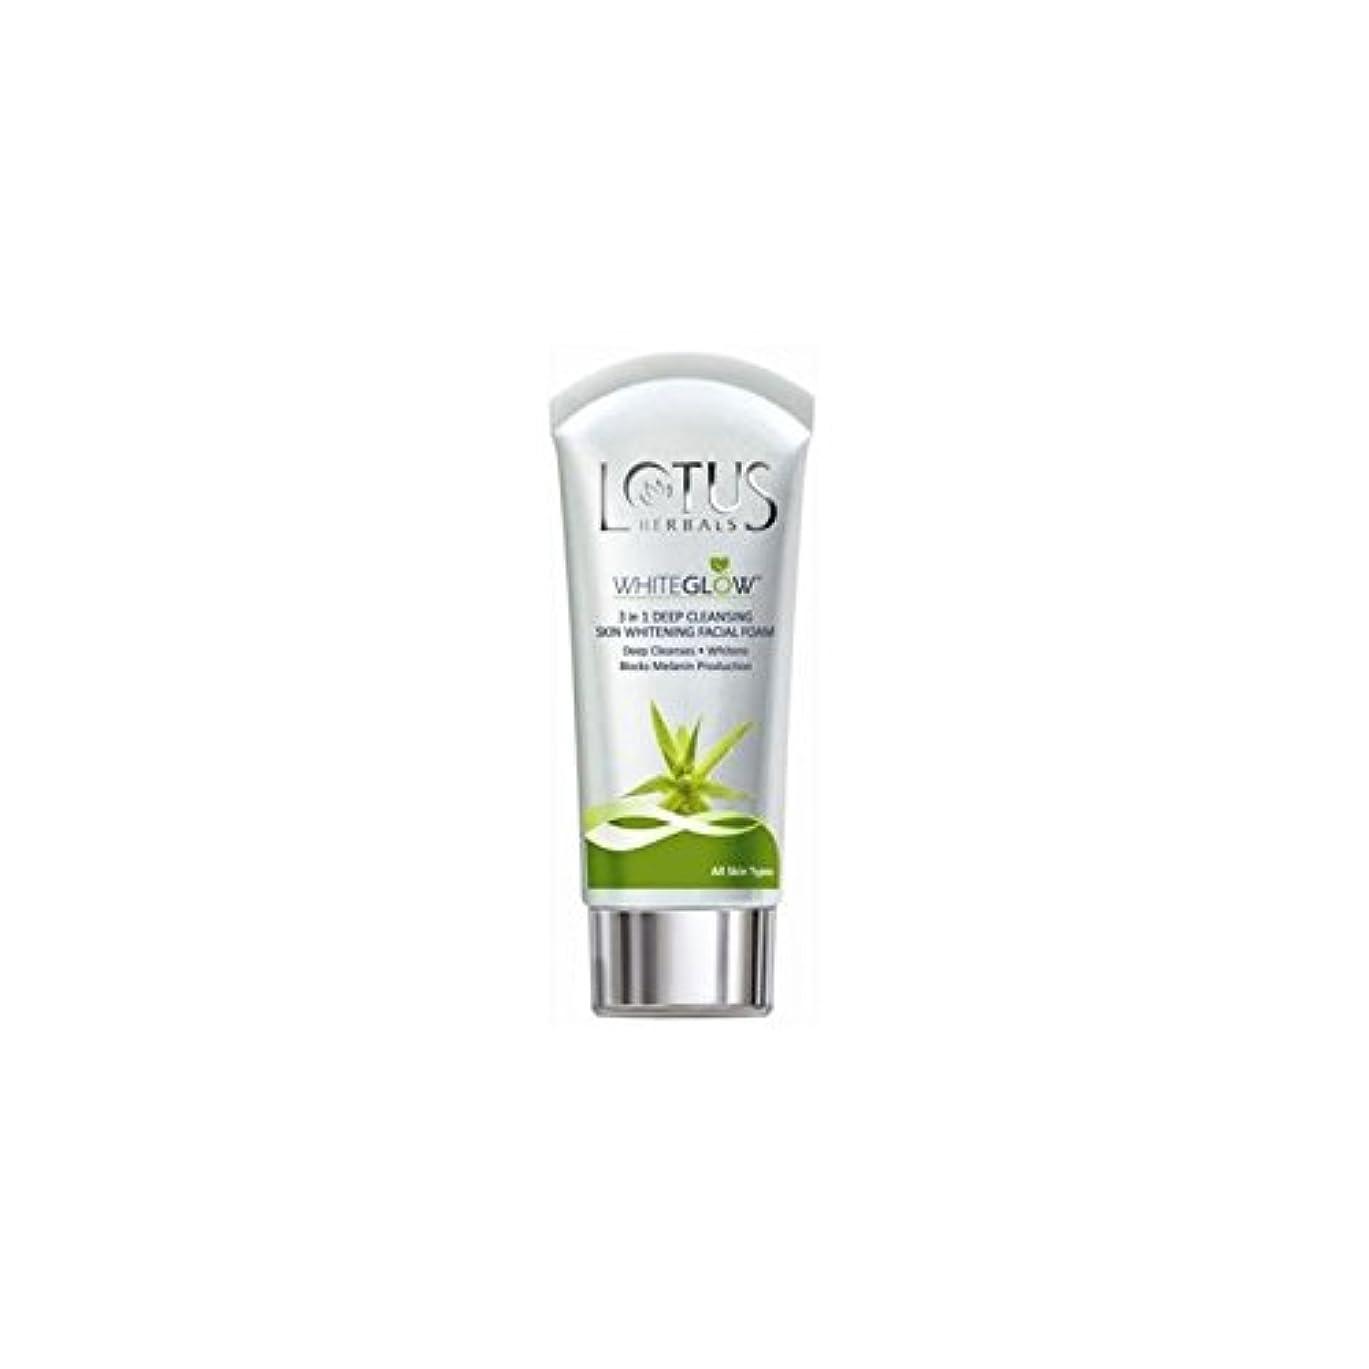 ゲインセイ注釈ブランドLotus Herbals 3-in-1 Deep Cleansing Skin Whitening Facial Foam - Whiteglow 50g